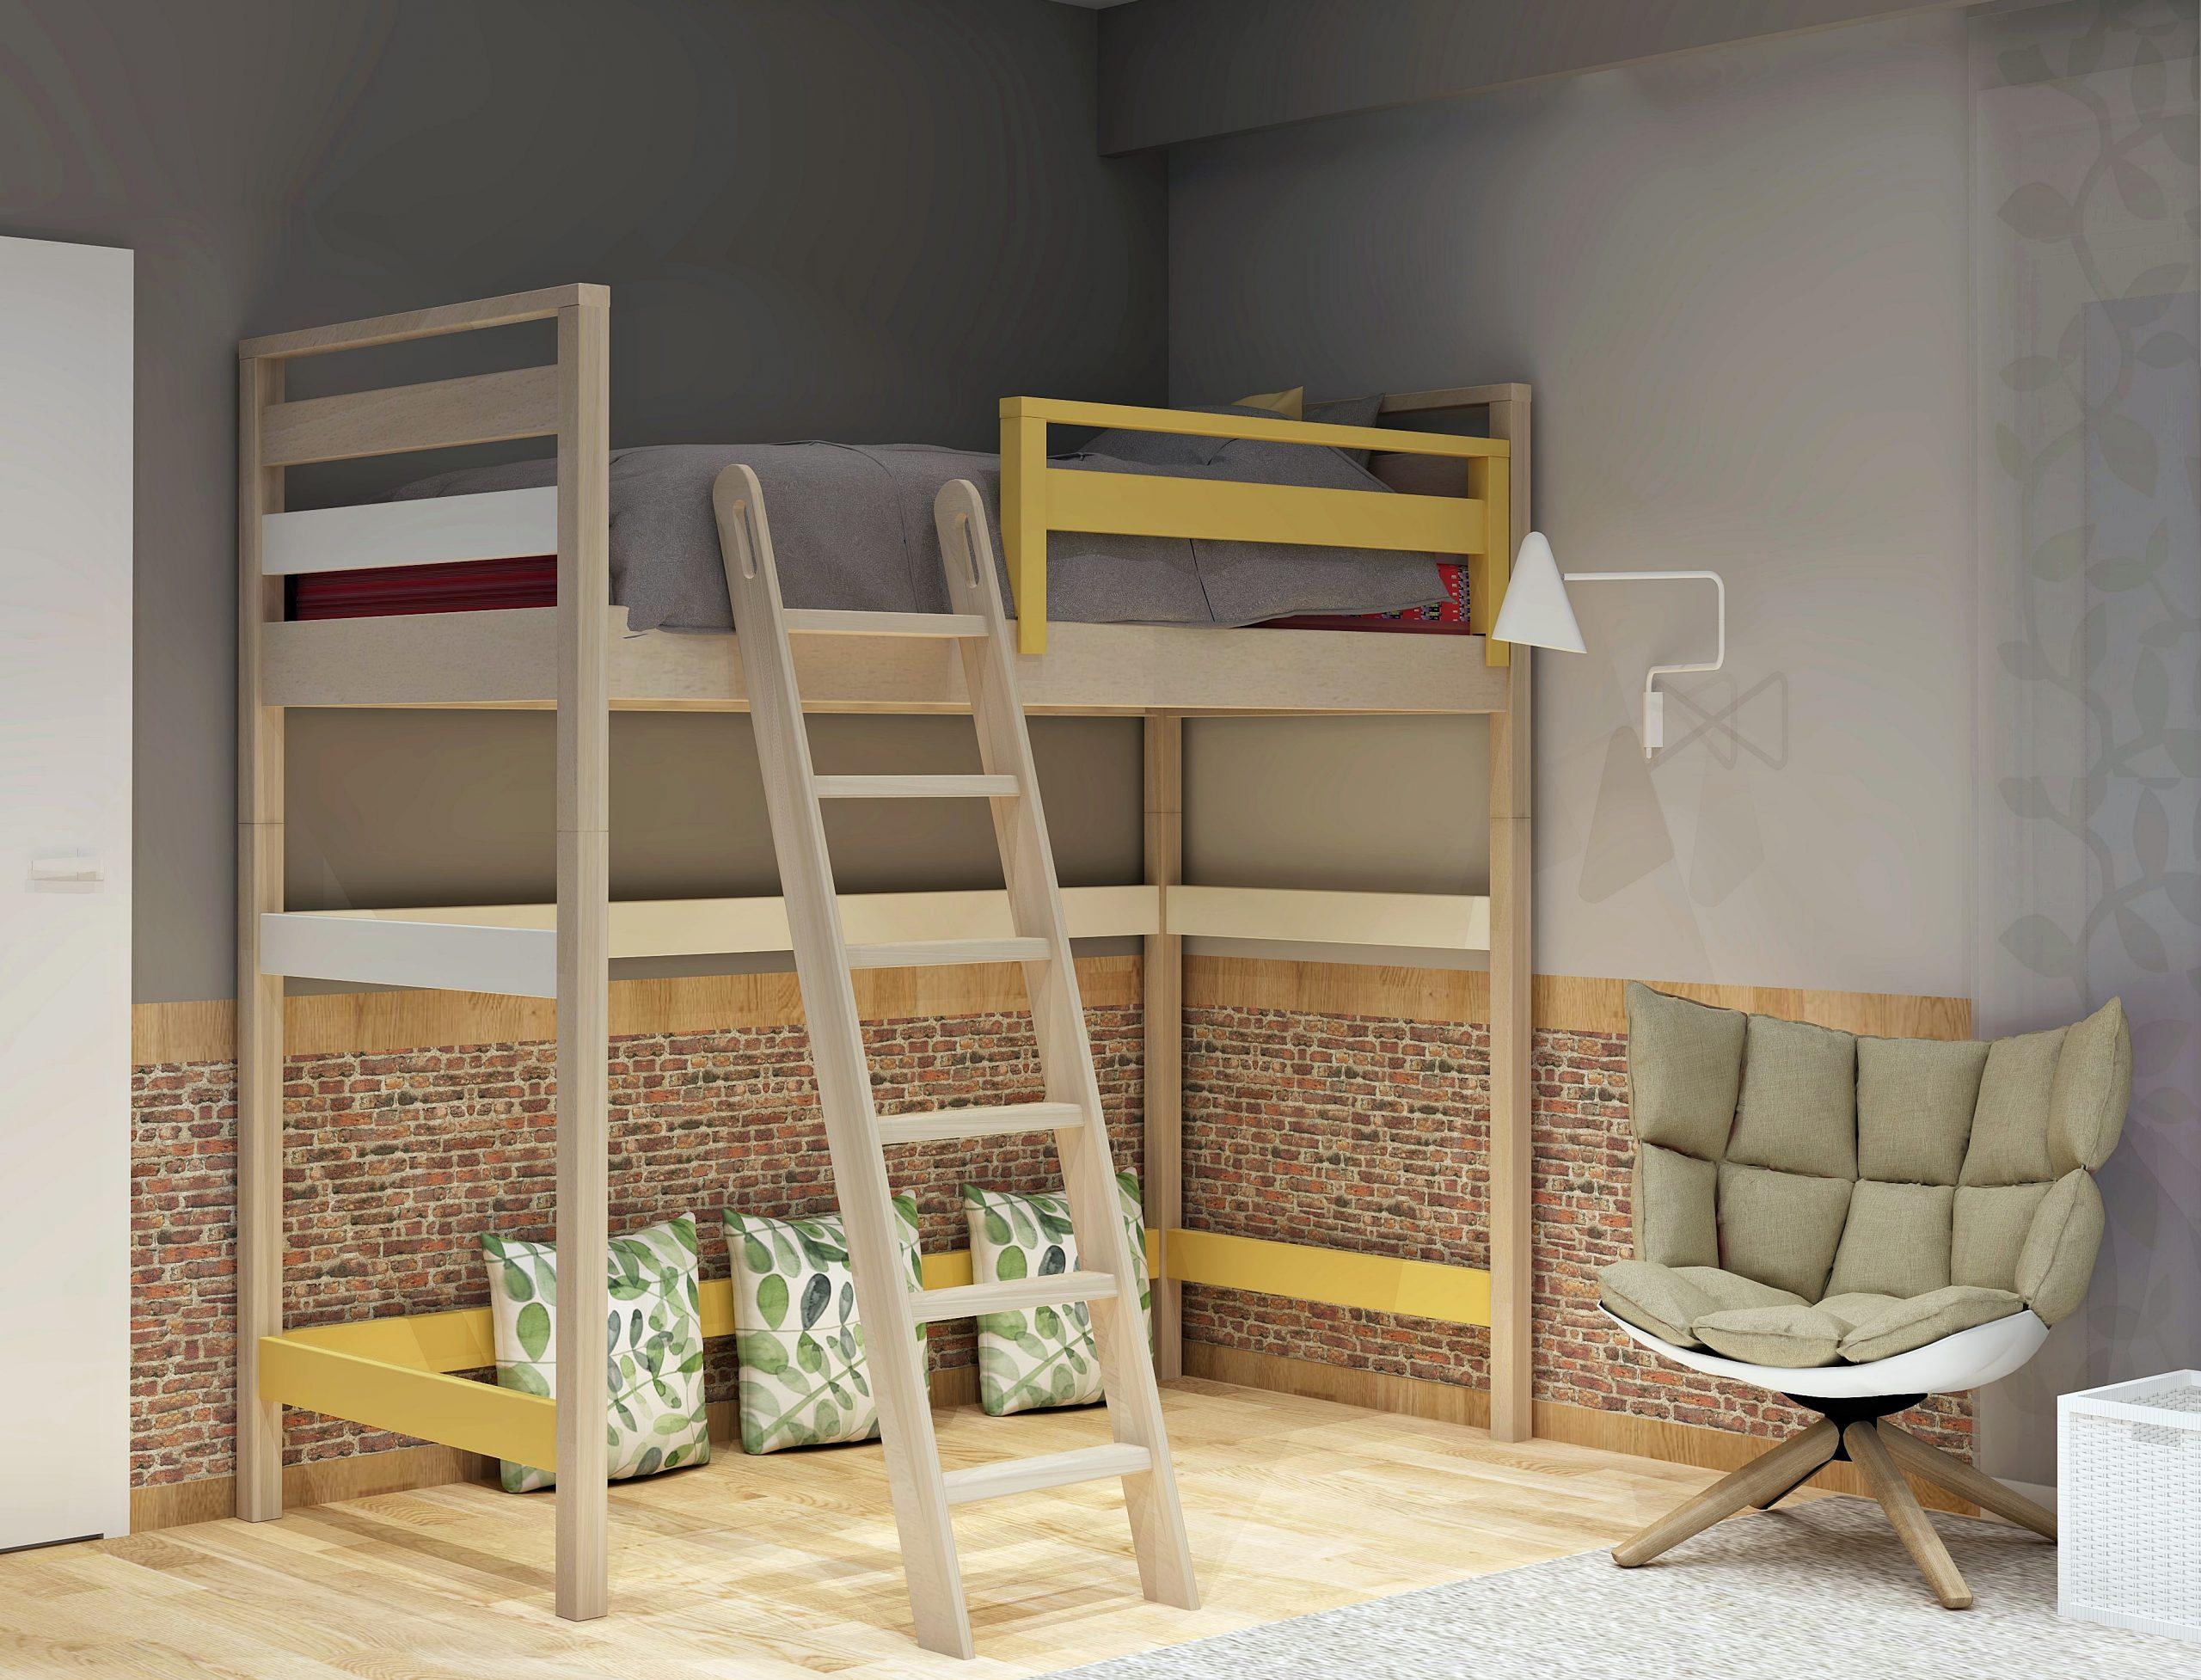 Κρεβάτι σειράς Simple υπερυψωμένο